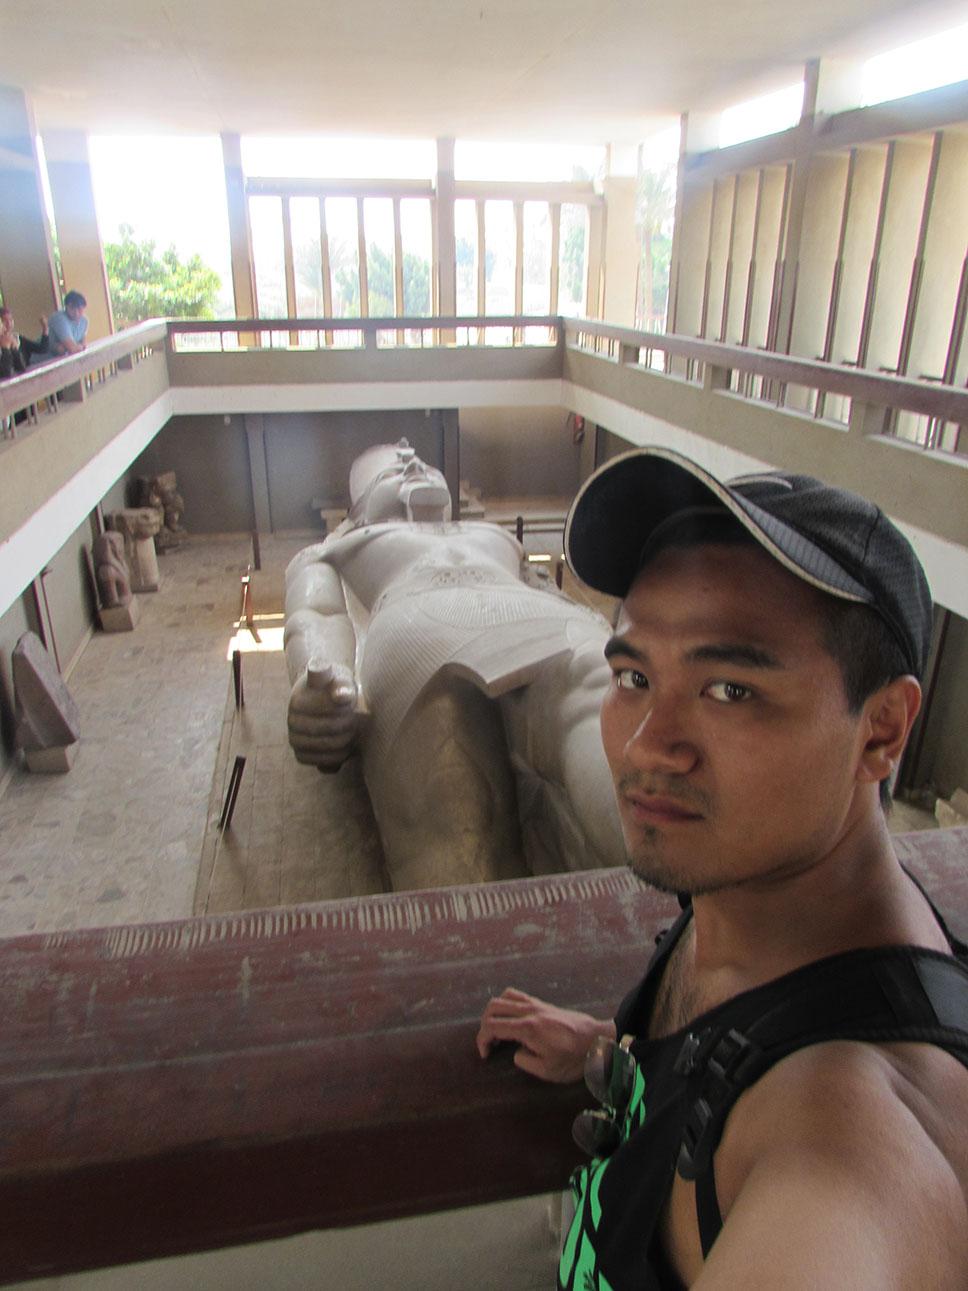 RamsesII2